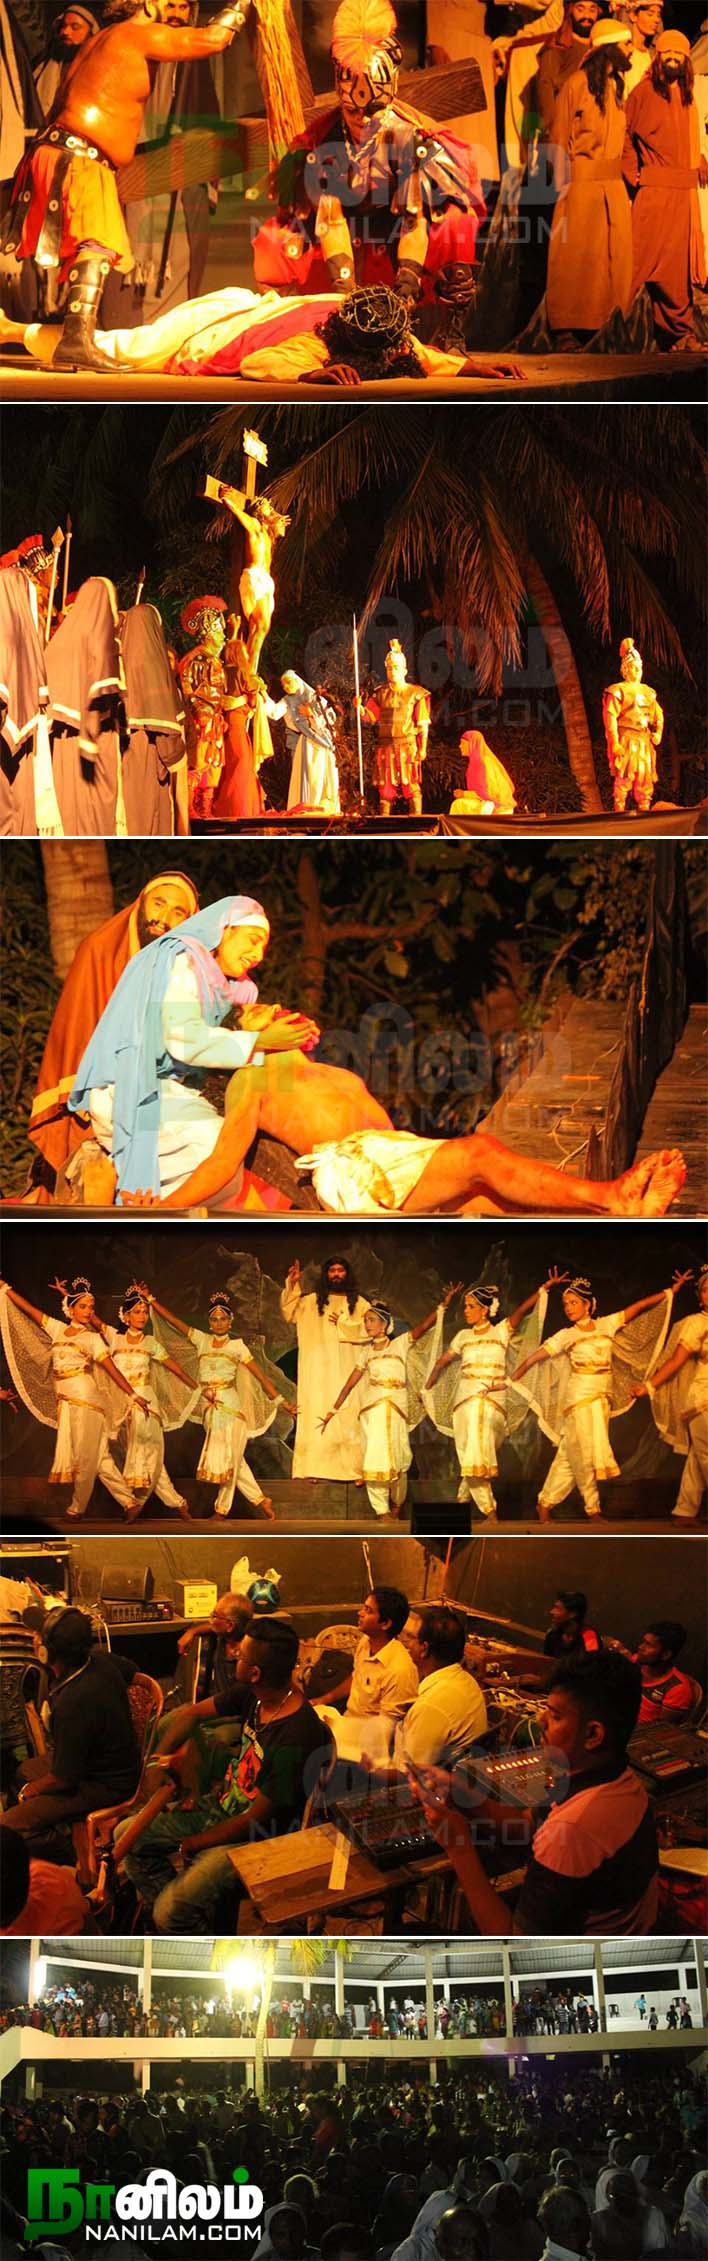 வேள்வித் திருமகன் திருப்பாடுகளின் காட்சி 4